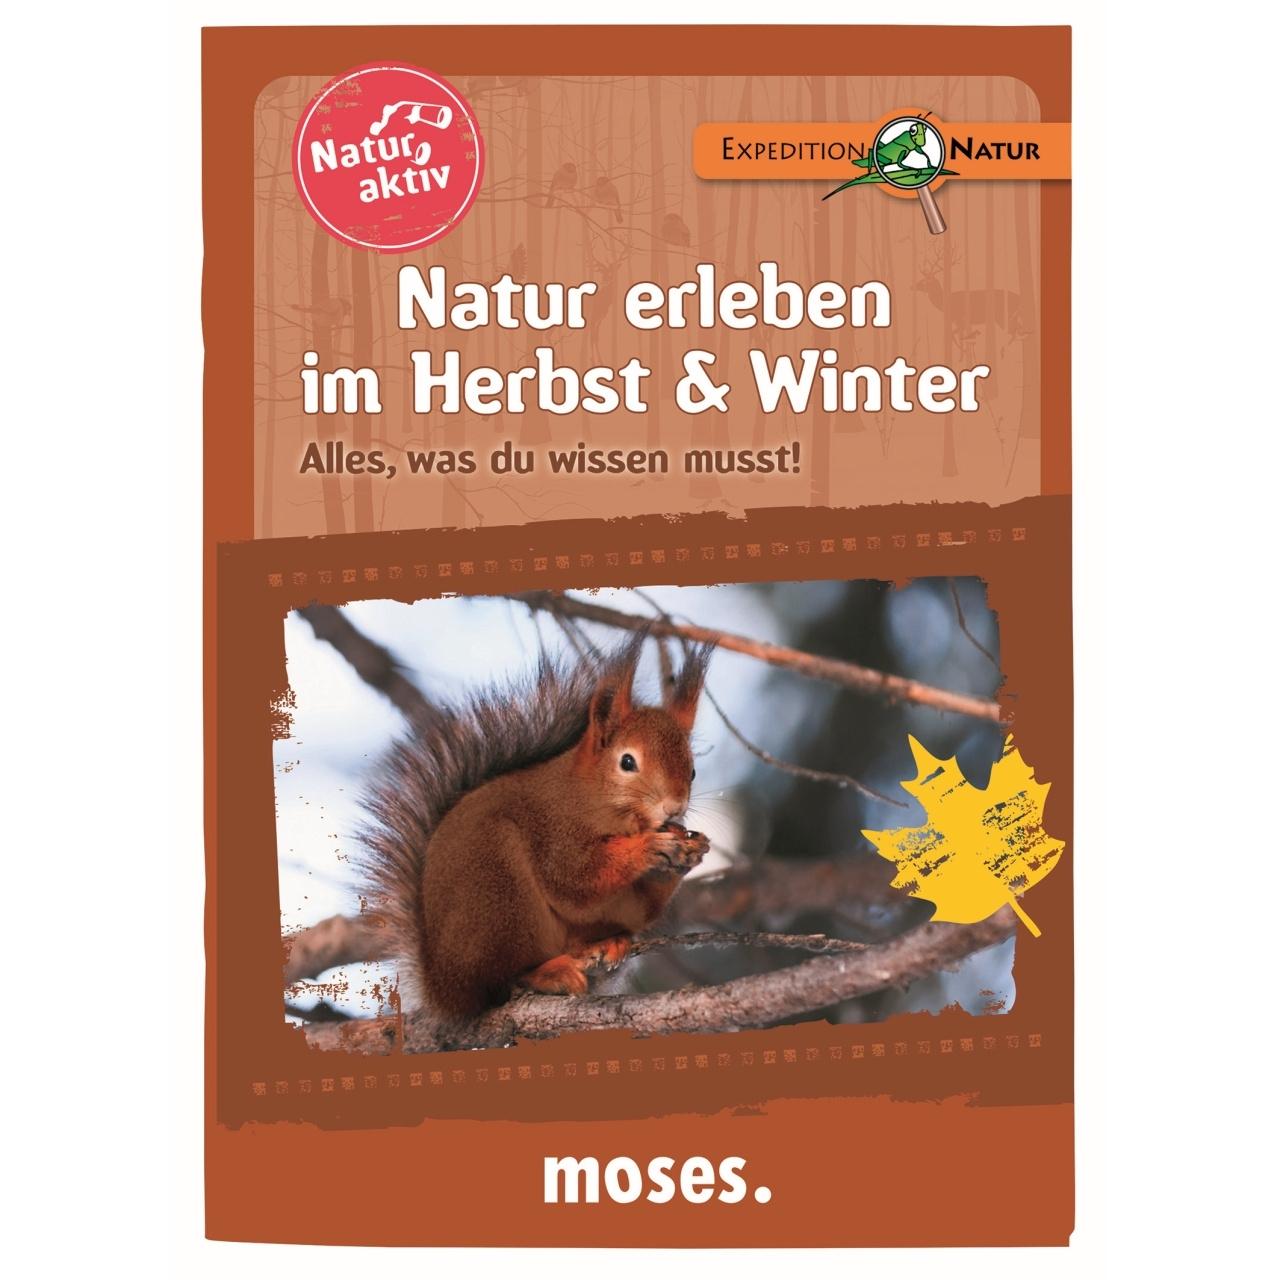 expedition natur herbst winter ab 7 jahren kinderb cher spielzeug geschenke f r jung. Black Bedroom Furniture Sets. Home Design Ideas